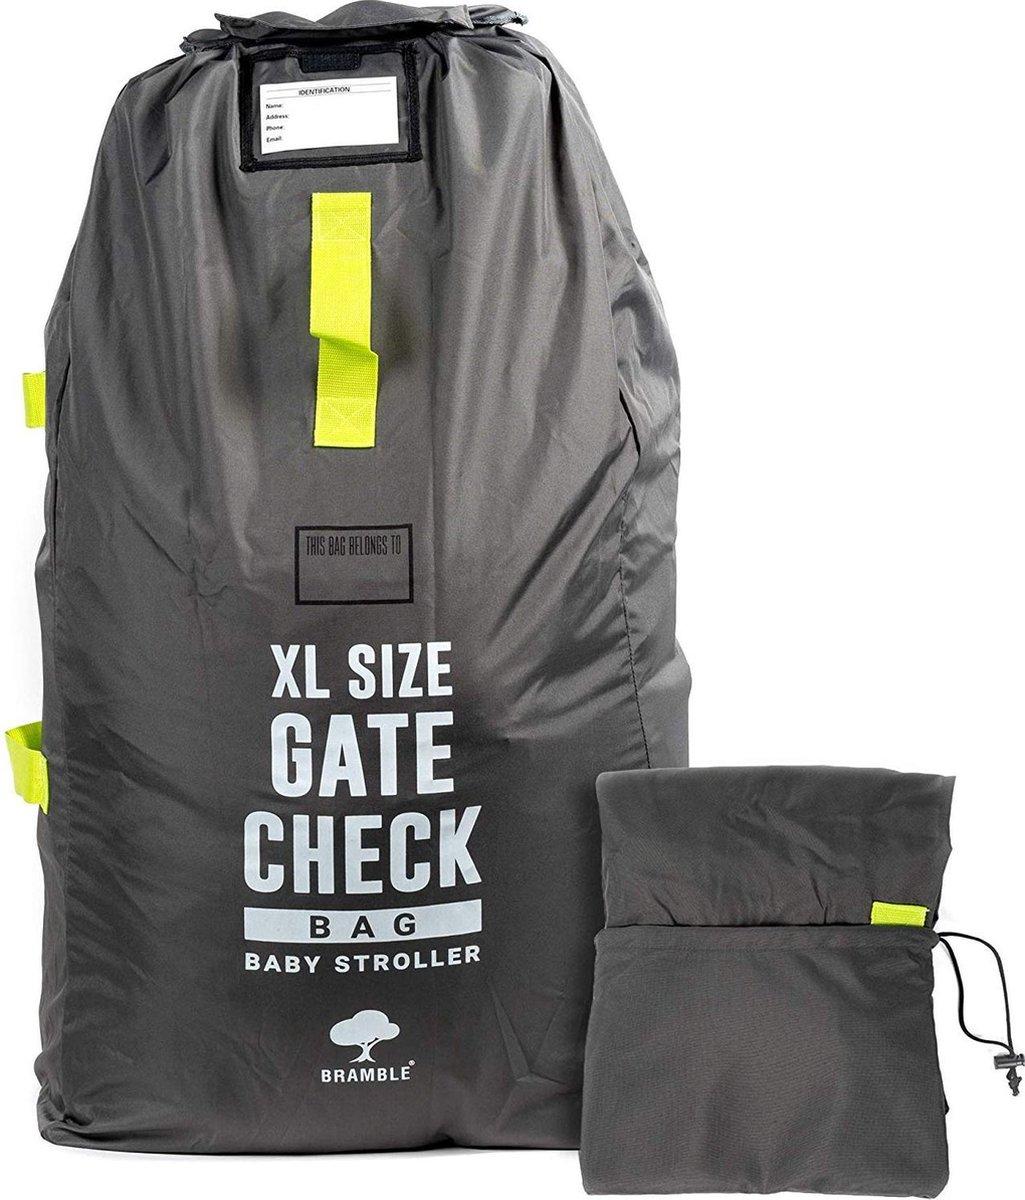 Extra grote gate check reistas voor buggy - Wandelwagens -  Kinderwagen tas - Buggy tas - Autostoele